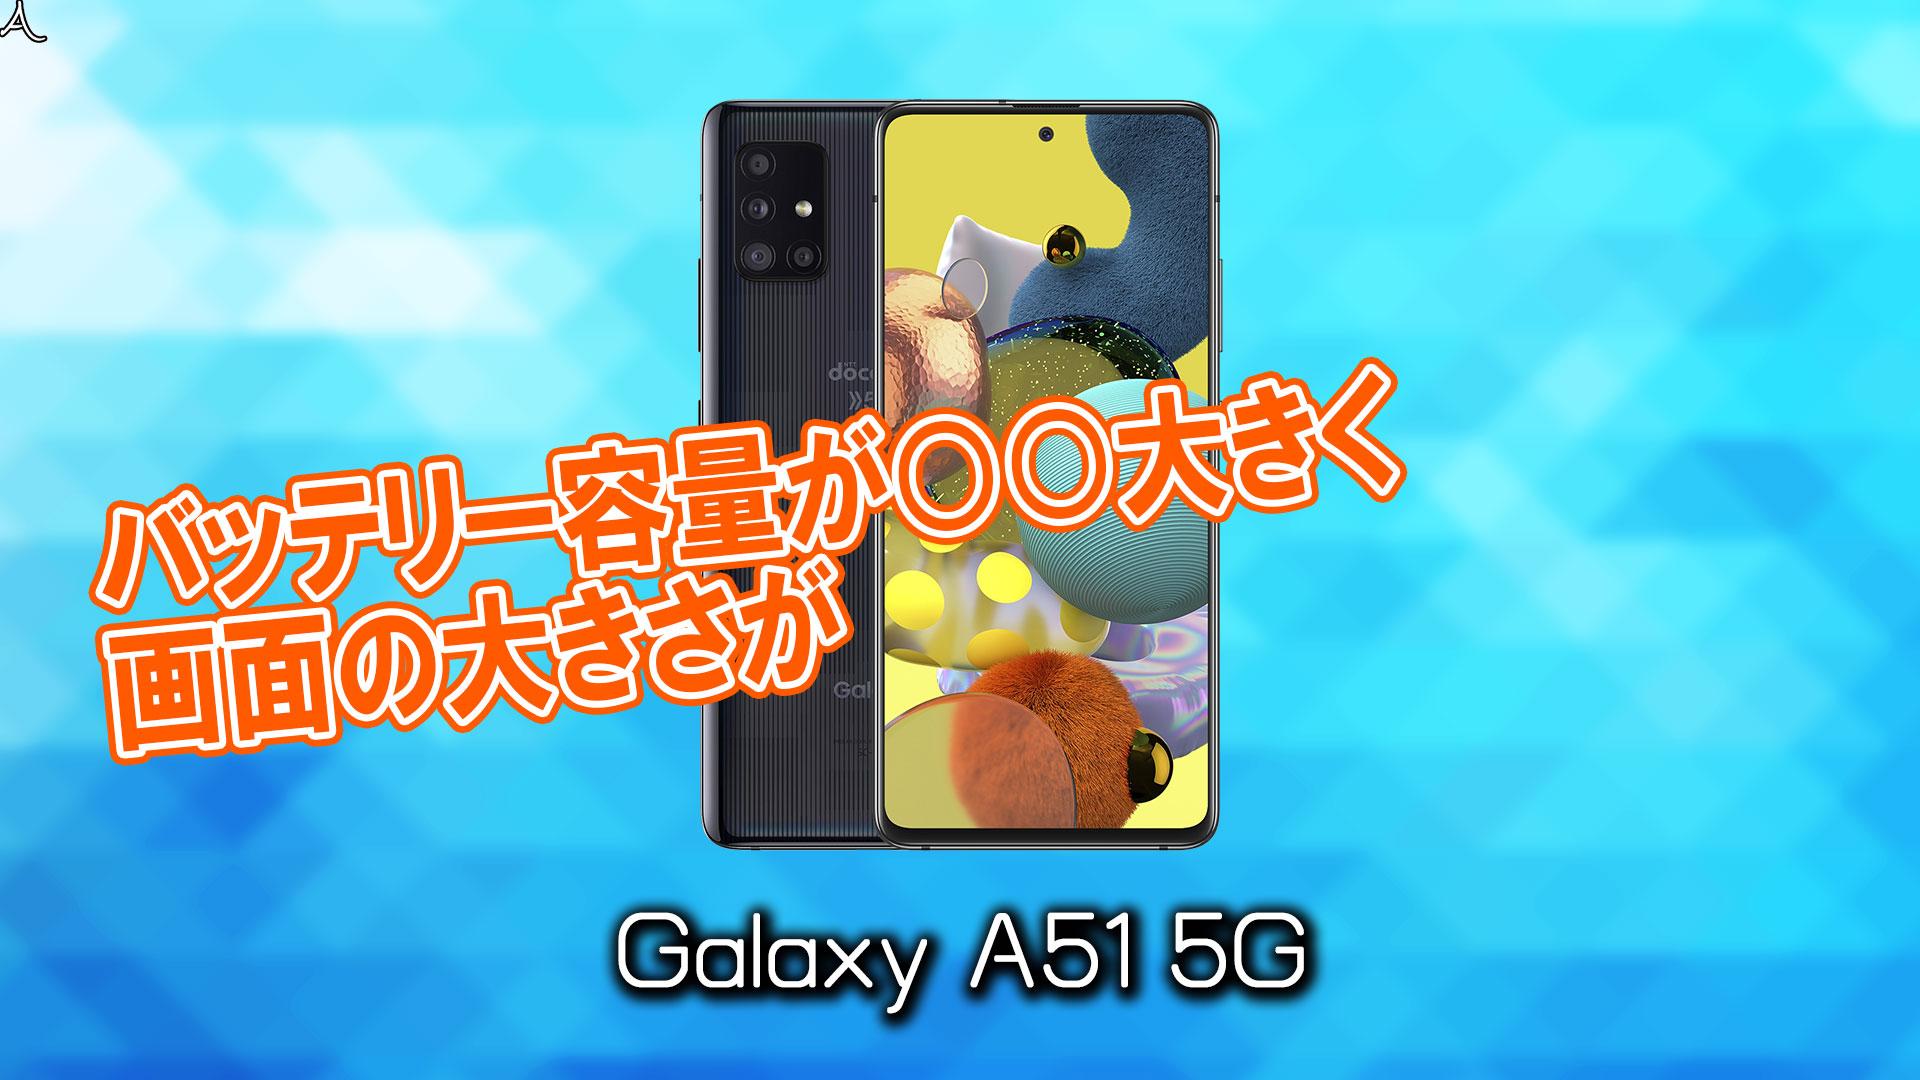 「Galaxy A51 5G」のサイズや重さを他のスマホと細かく比較